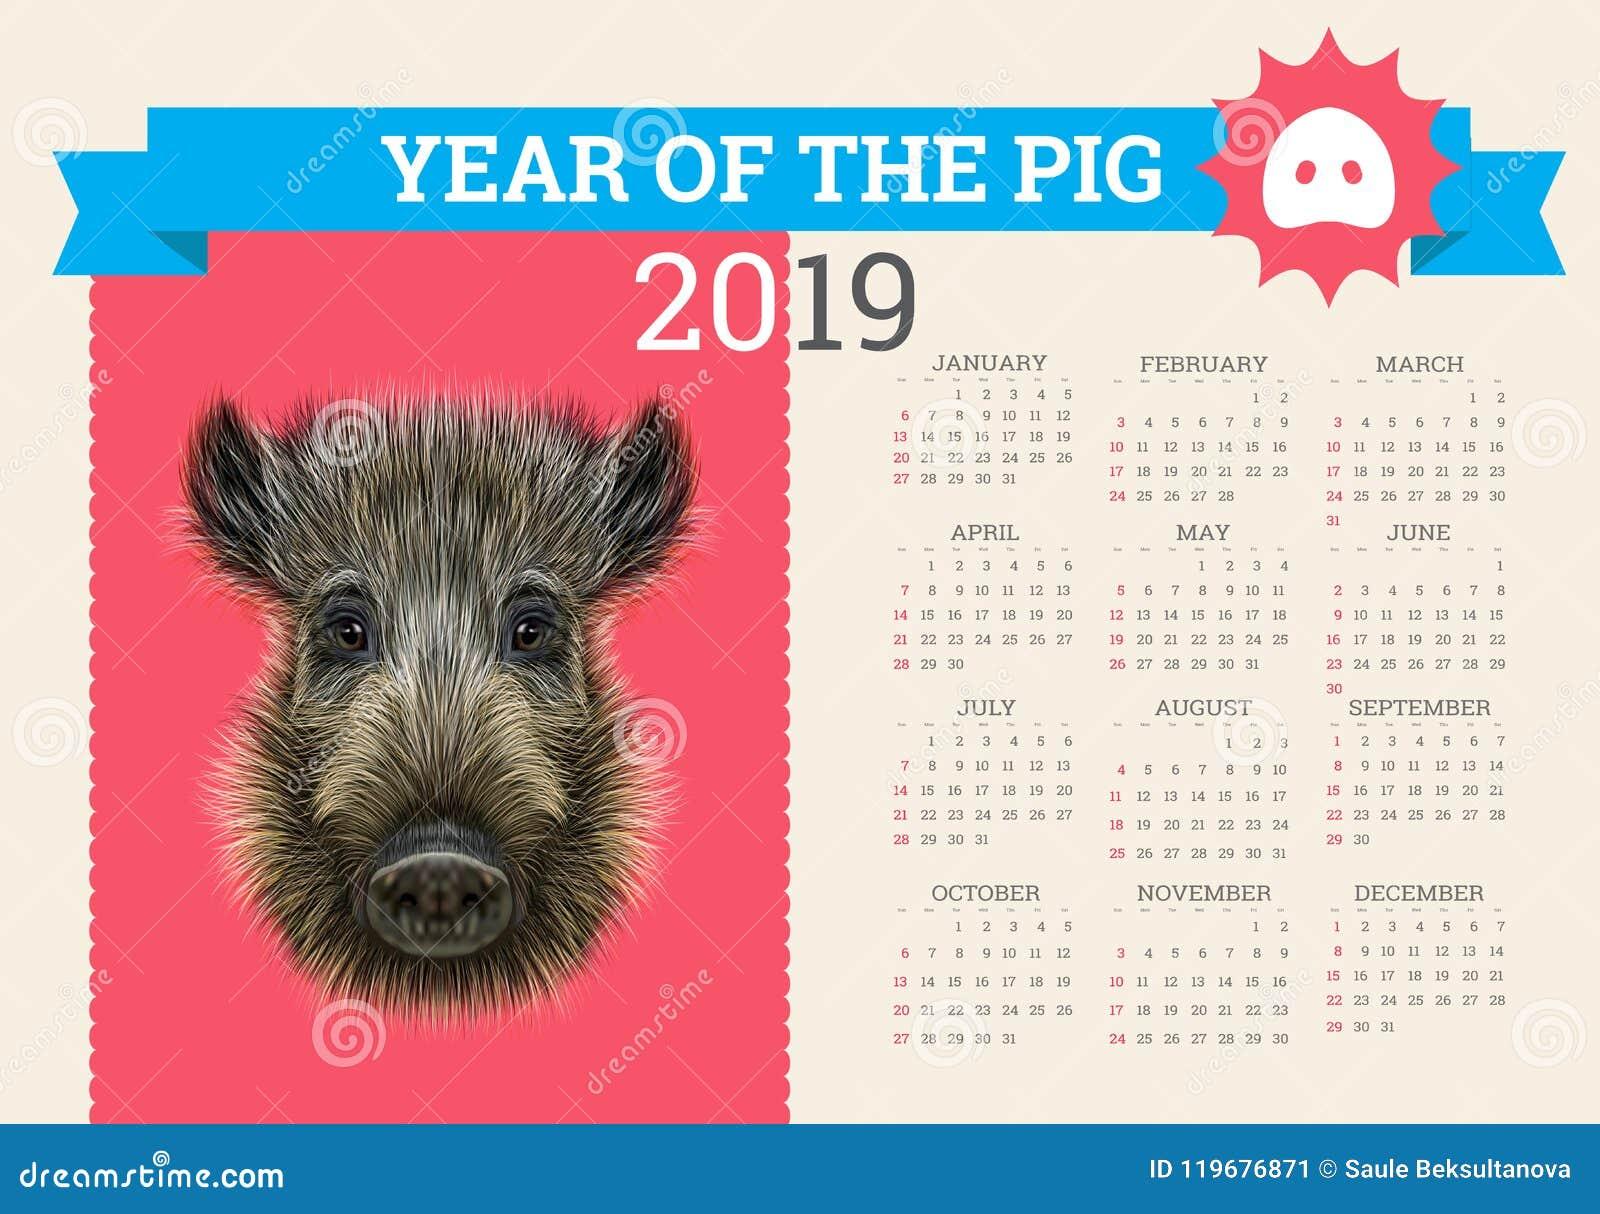 Calendario 2020 Editabile.Calendario Alla Moda Del Maiale Per 2019 Modello Editabile